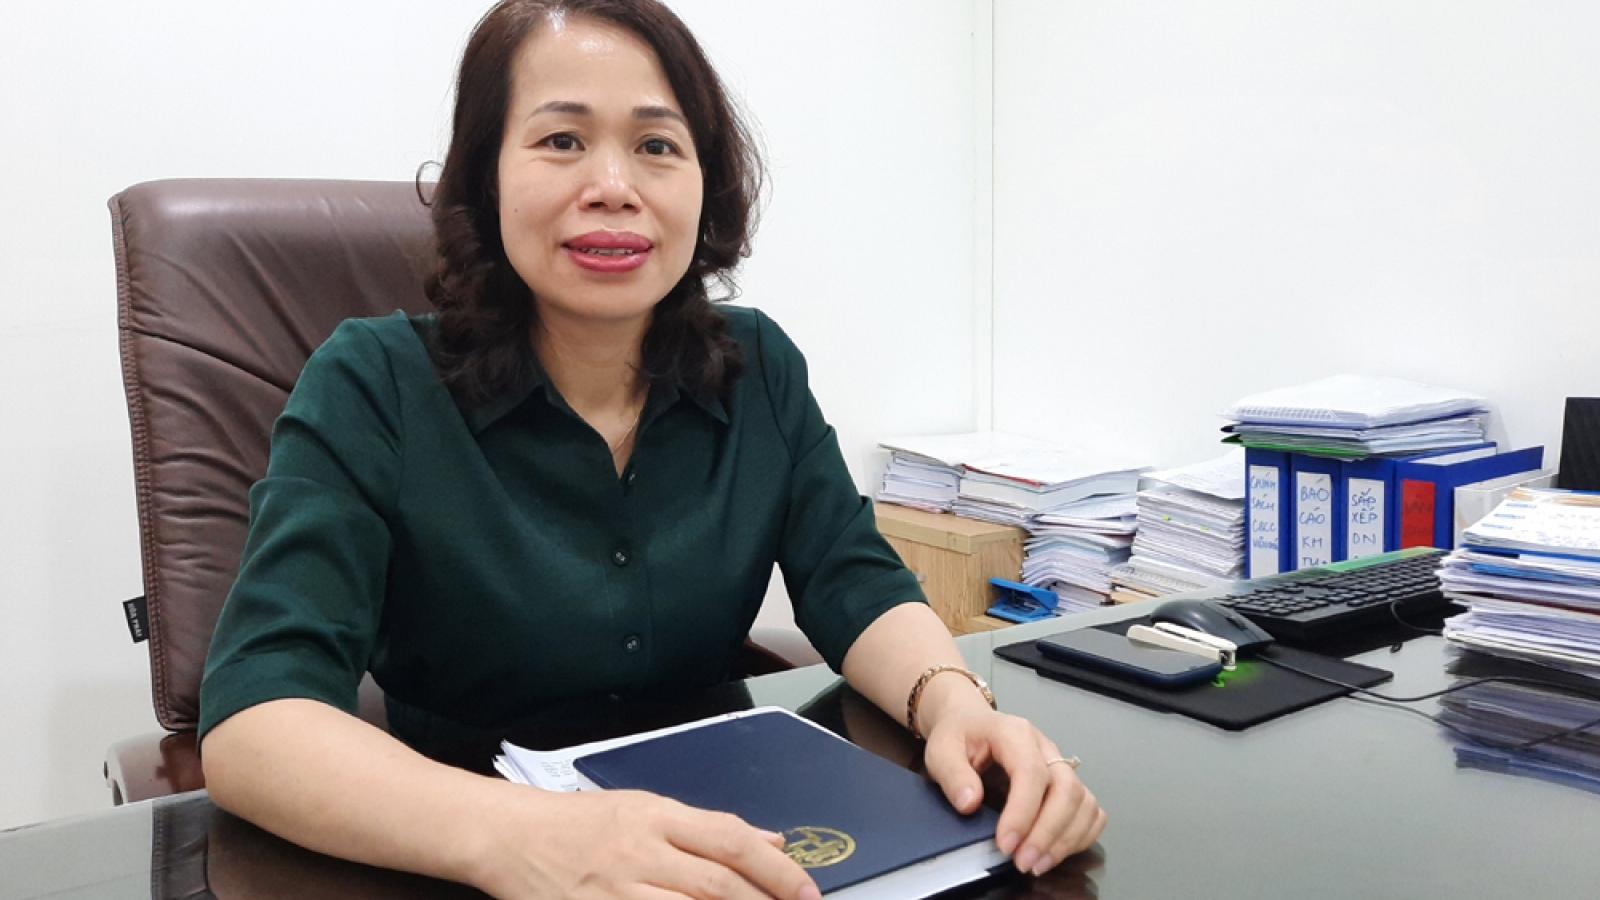 Sau 5 năm, Hà Nội tinh giản biên chế gần 1.200 trường hợp